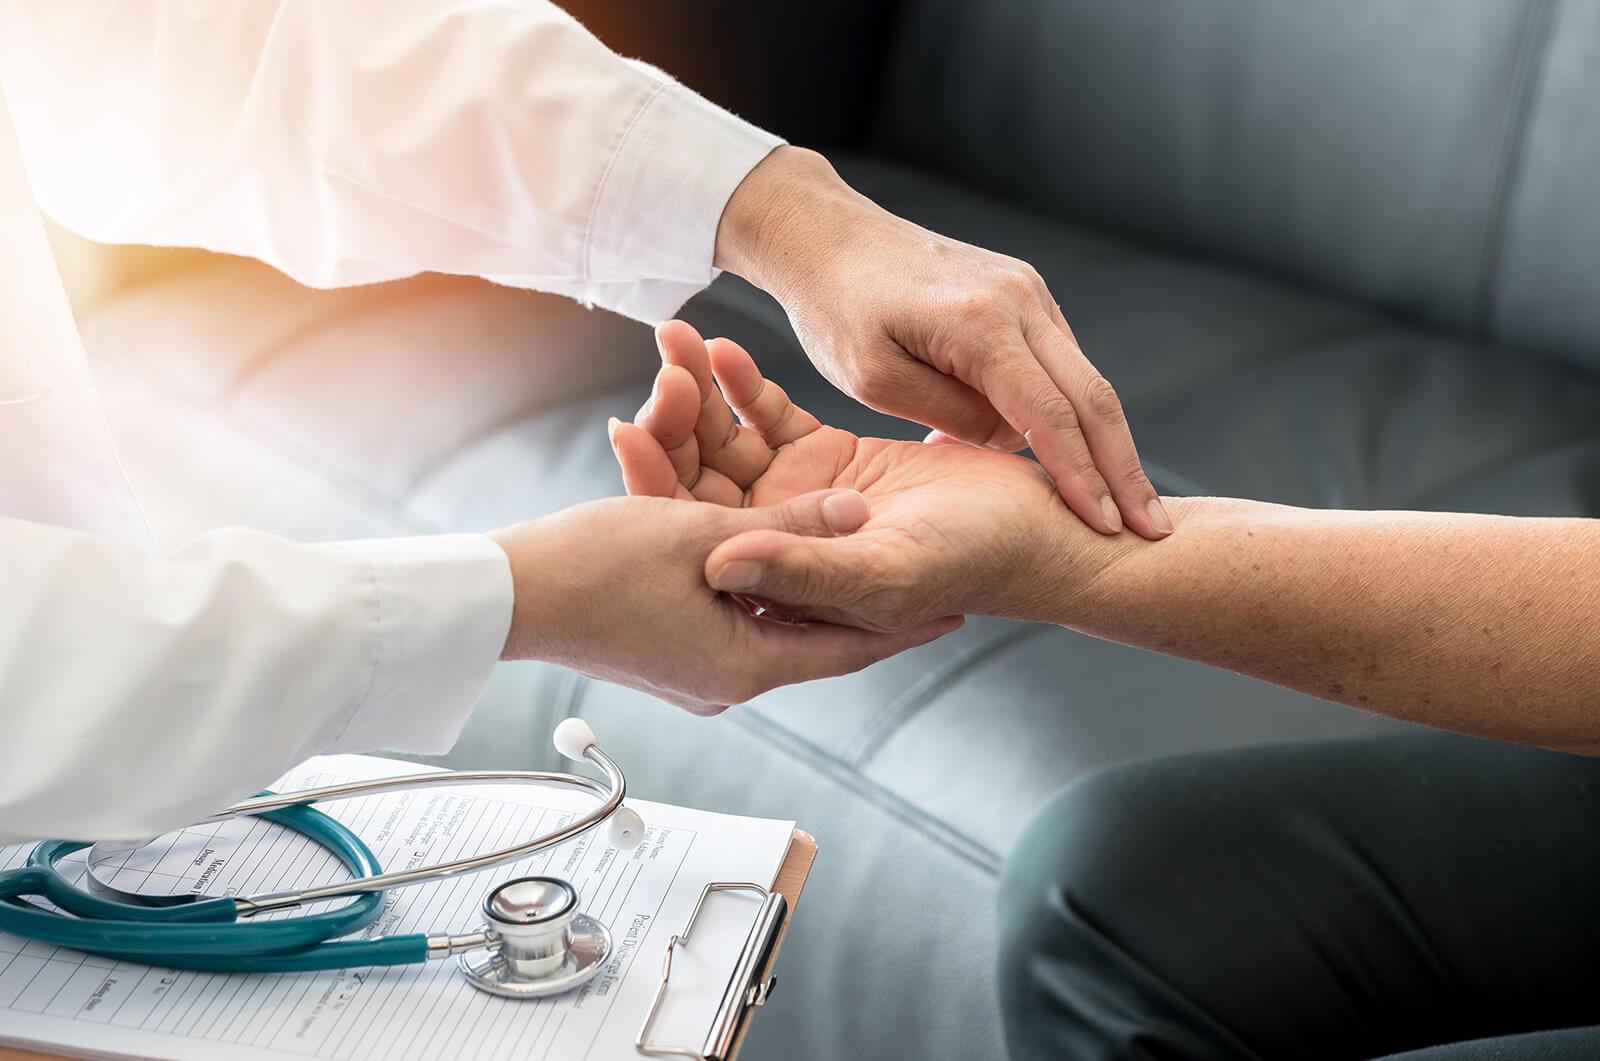 Buah Pepaya Dapat Mengobati Hipertensi